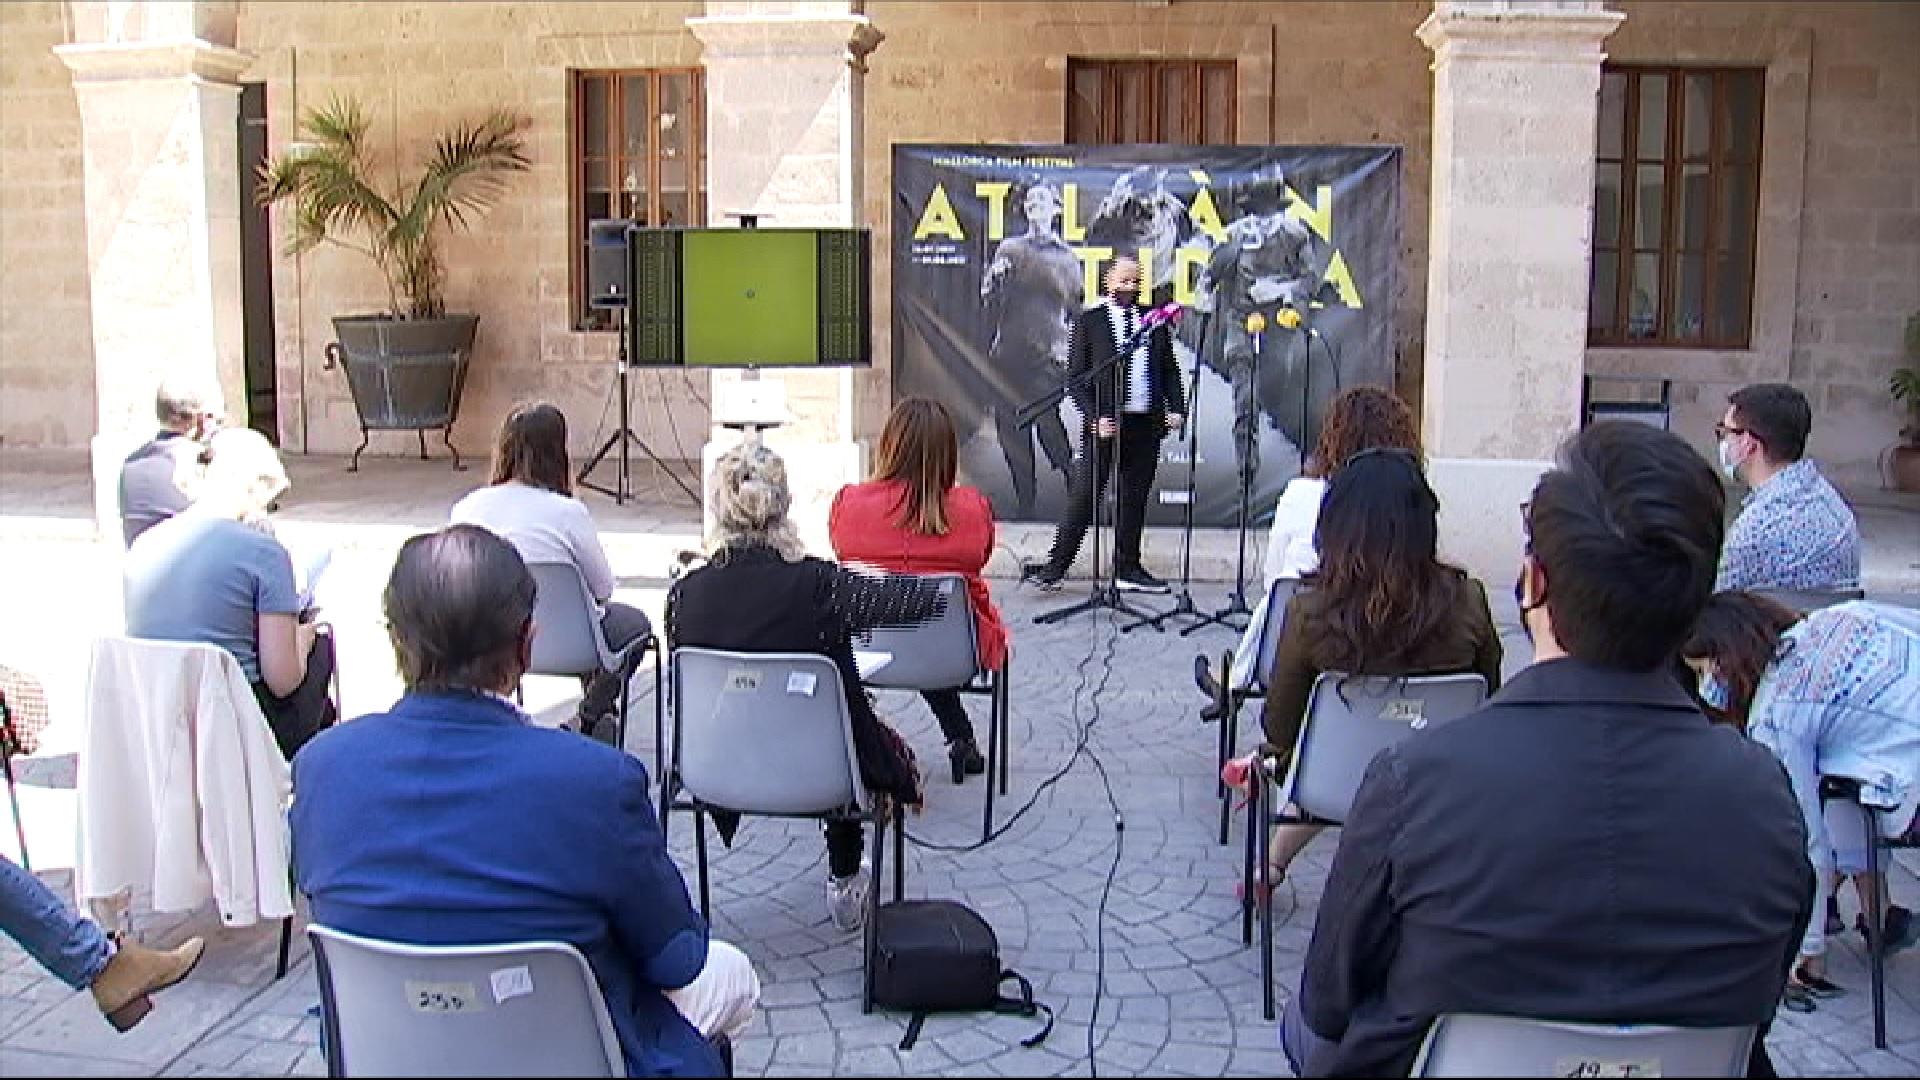 L%27Atl%C3%A0ntida+Film+Fest+incorpora+Mallorca+en+el+seu+nom+en+una+onzena+edici%C3%B3+carregada+d%27activitats